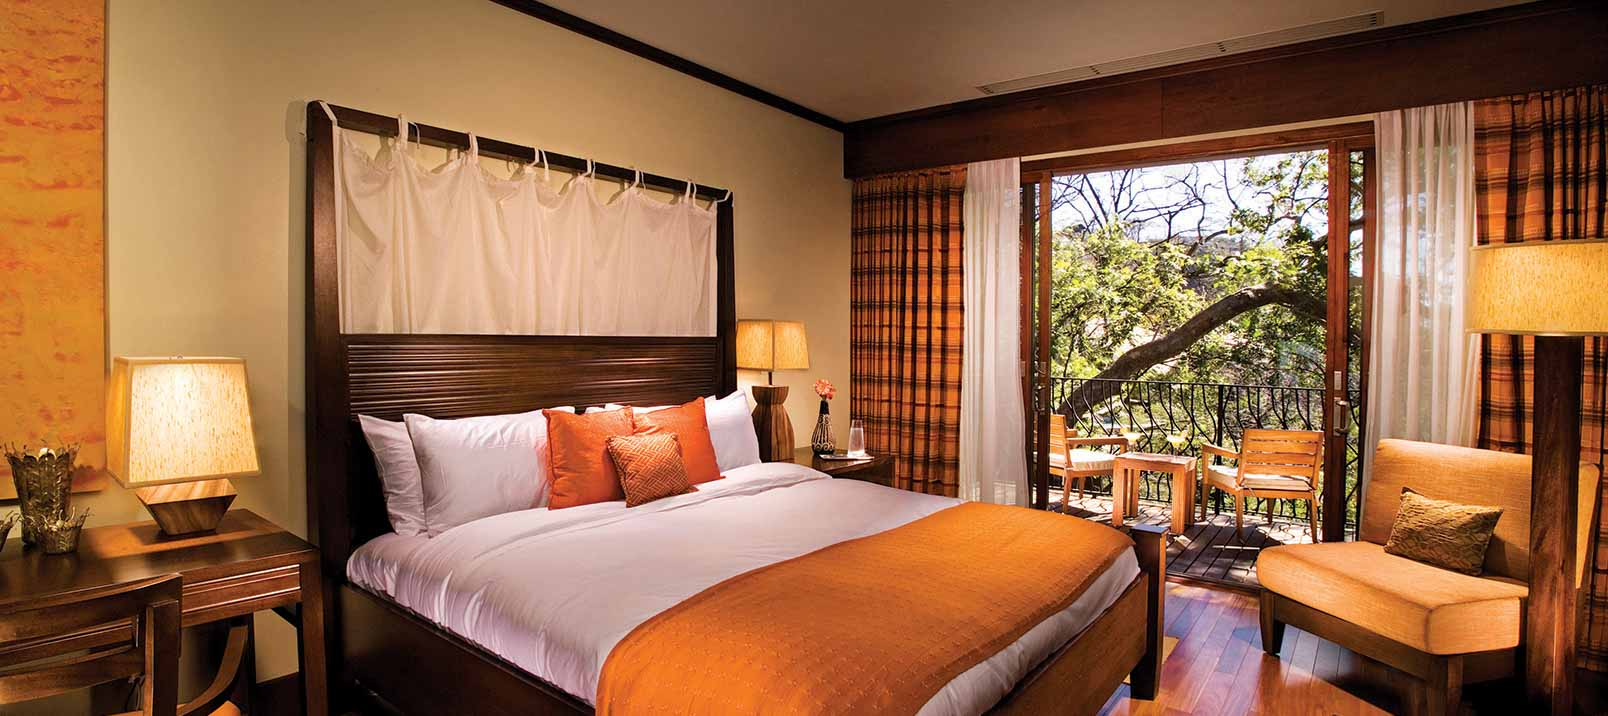 er-residence-header-disp-residence-costa-rica-venado-4-4.jpg